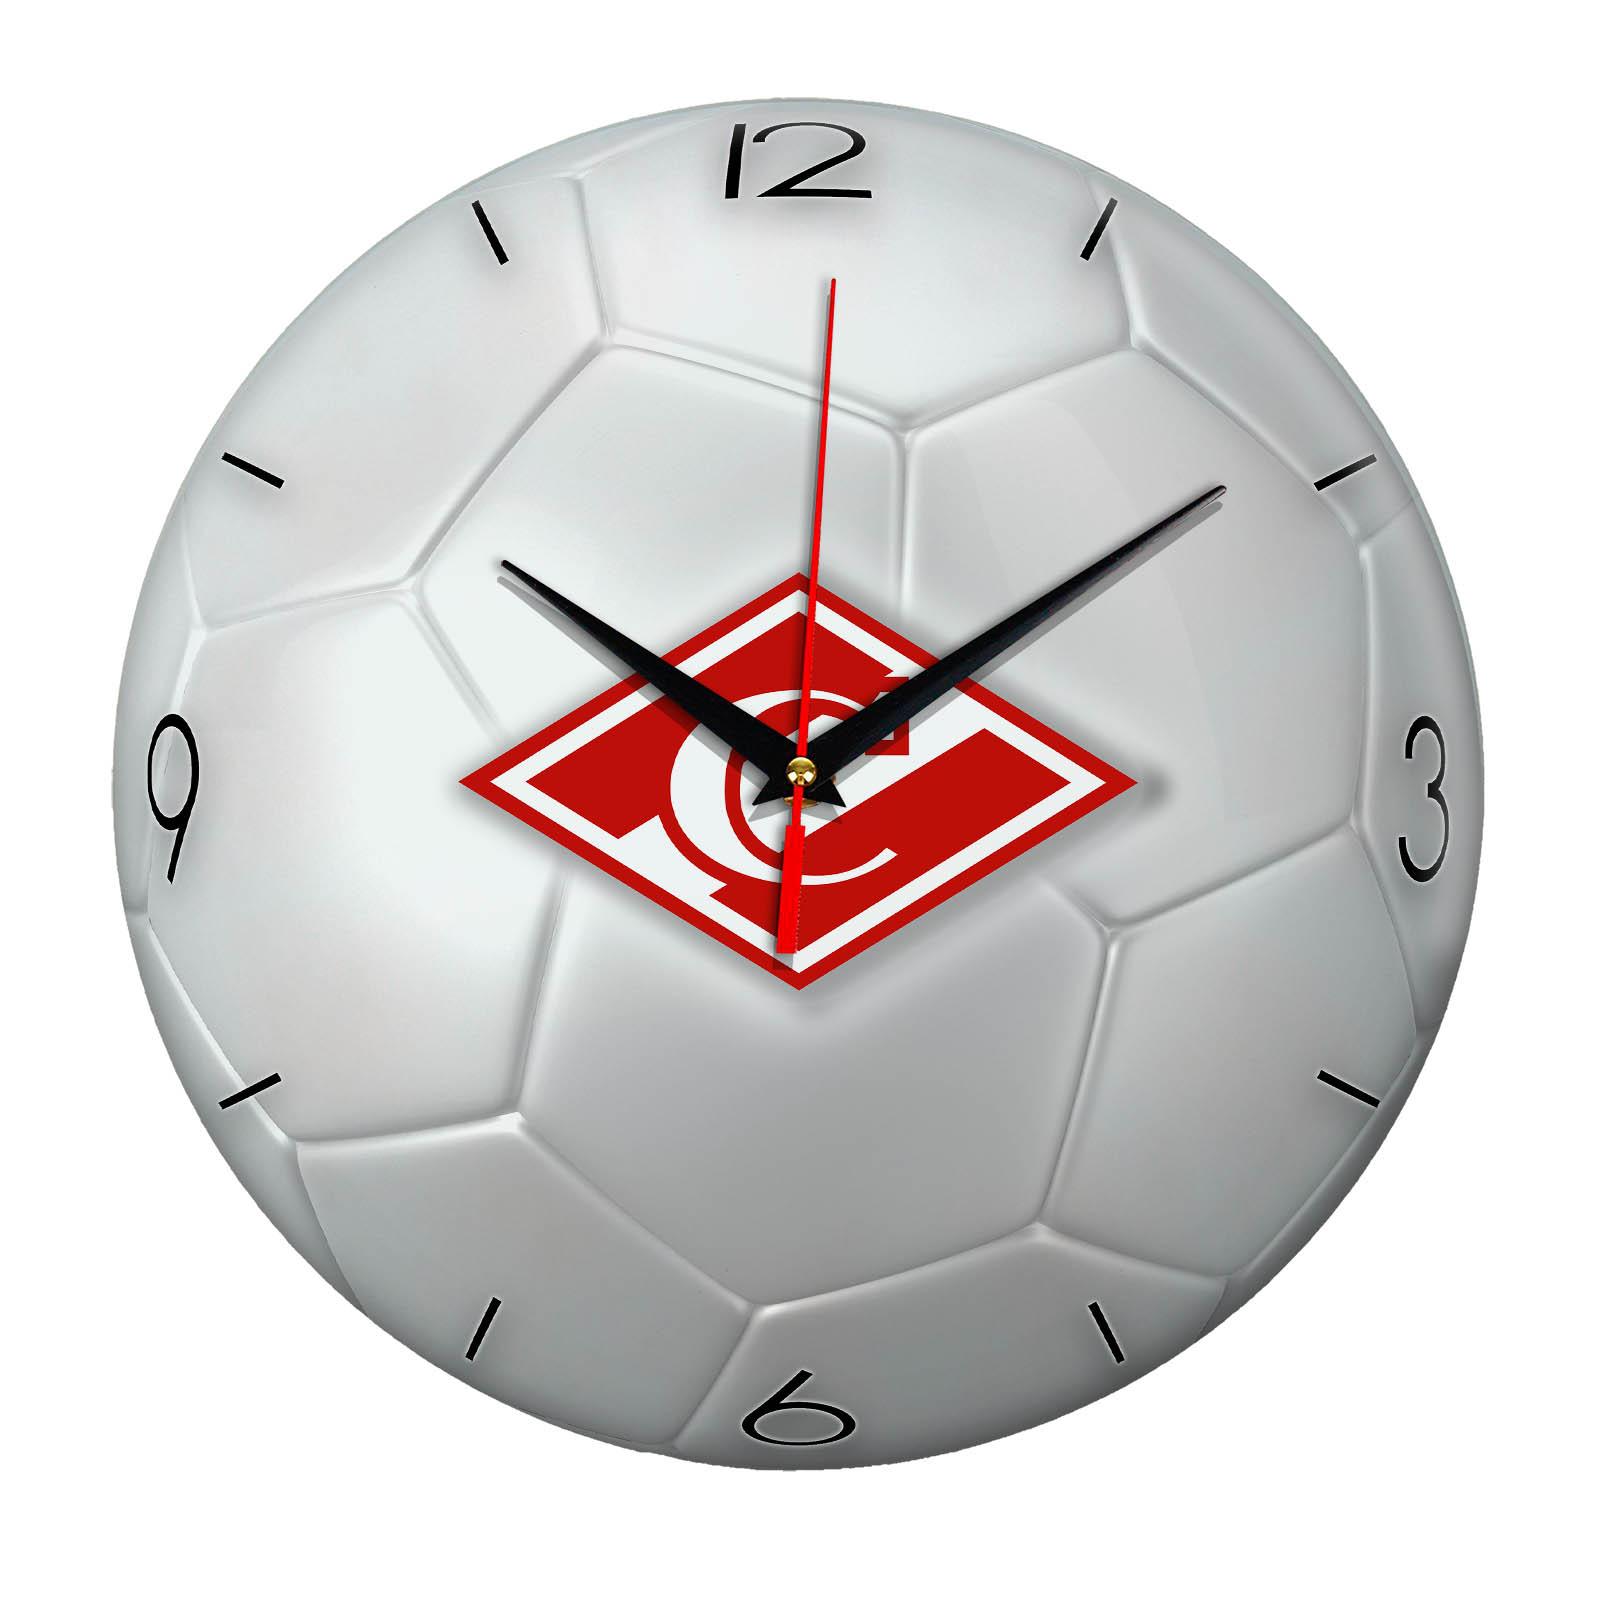 Настенные часы «Футбольный мяч Спартак Москва ФК»